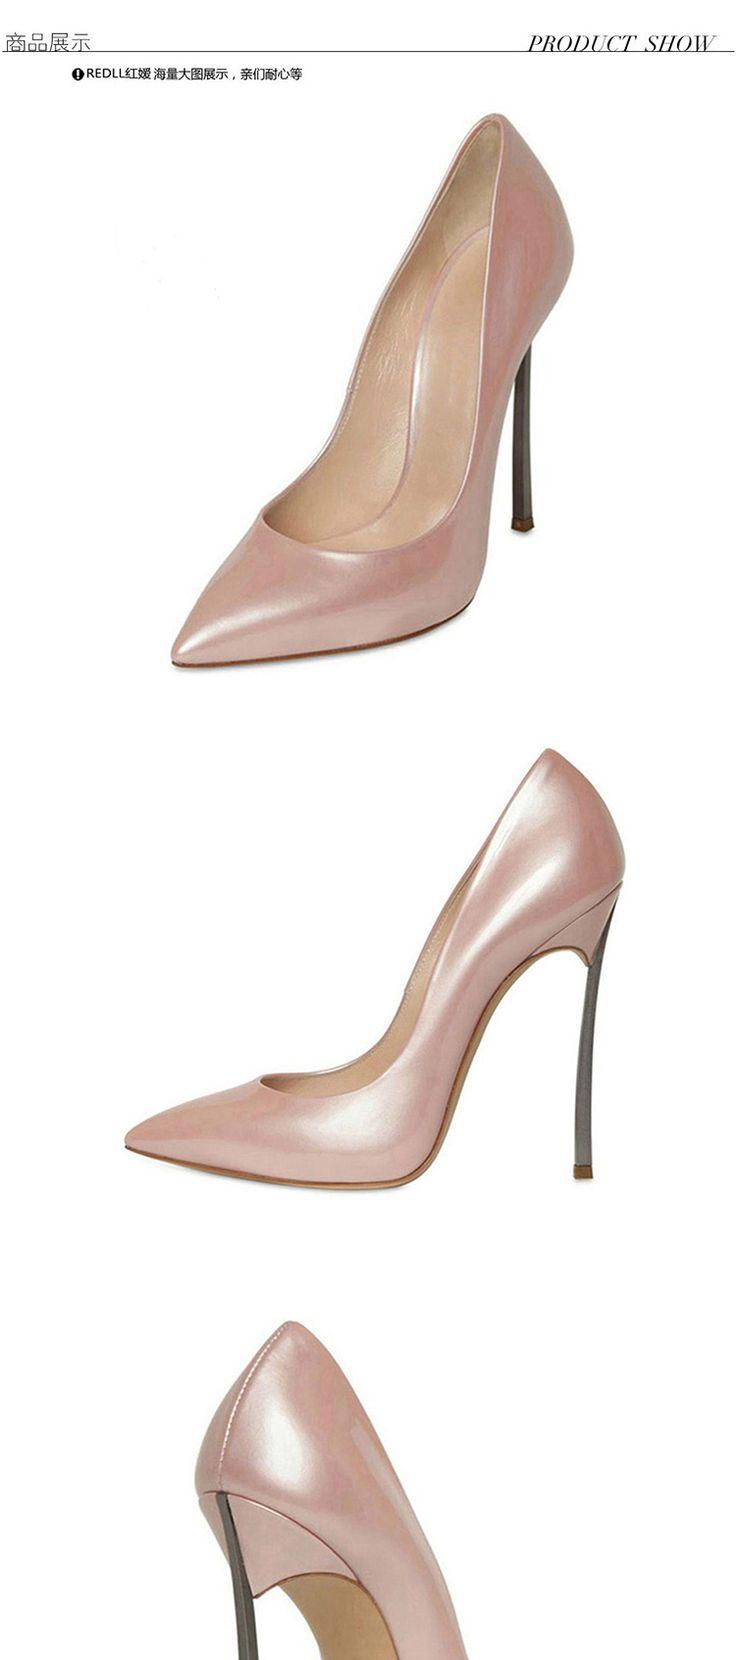 2 015 осенние новый ночной клуб ню цвет ультра высокие каблуки в порядке с лакированной кожи указал обувь осень обувь Европа в одиночку - Taobao